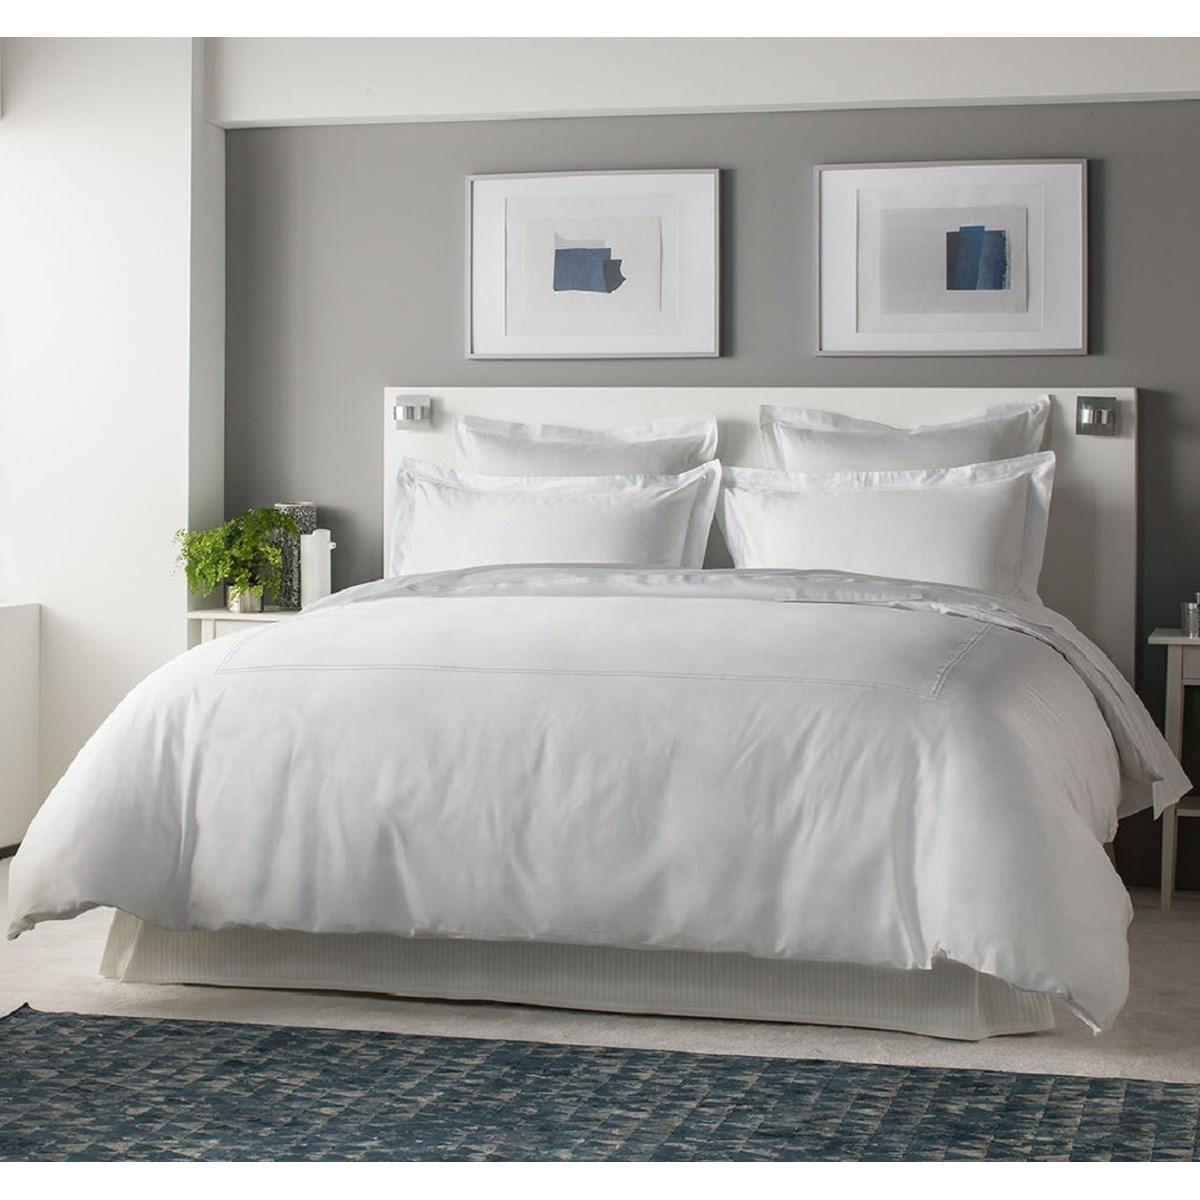 Drap plat luxe en Satin de coton Blanc 240x310 cm